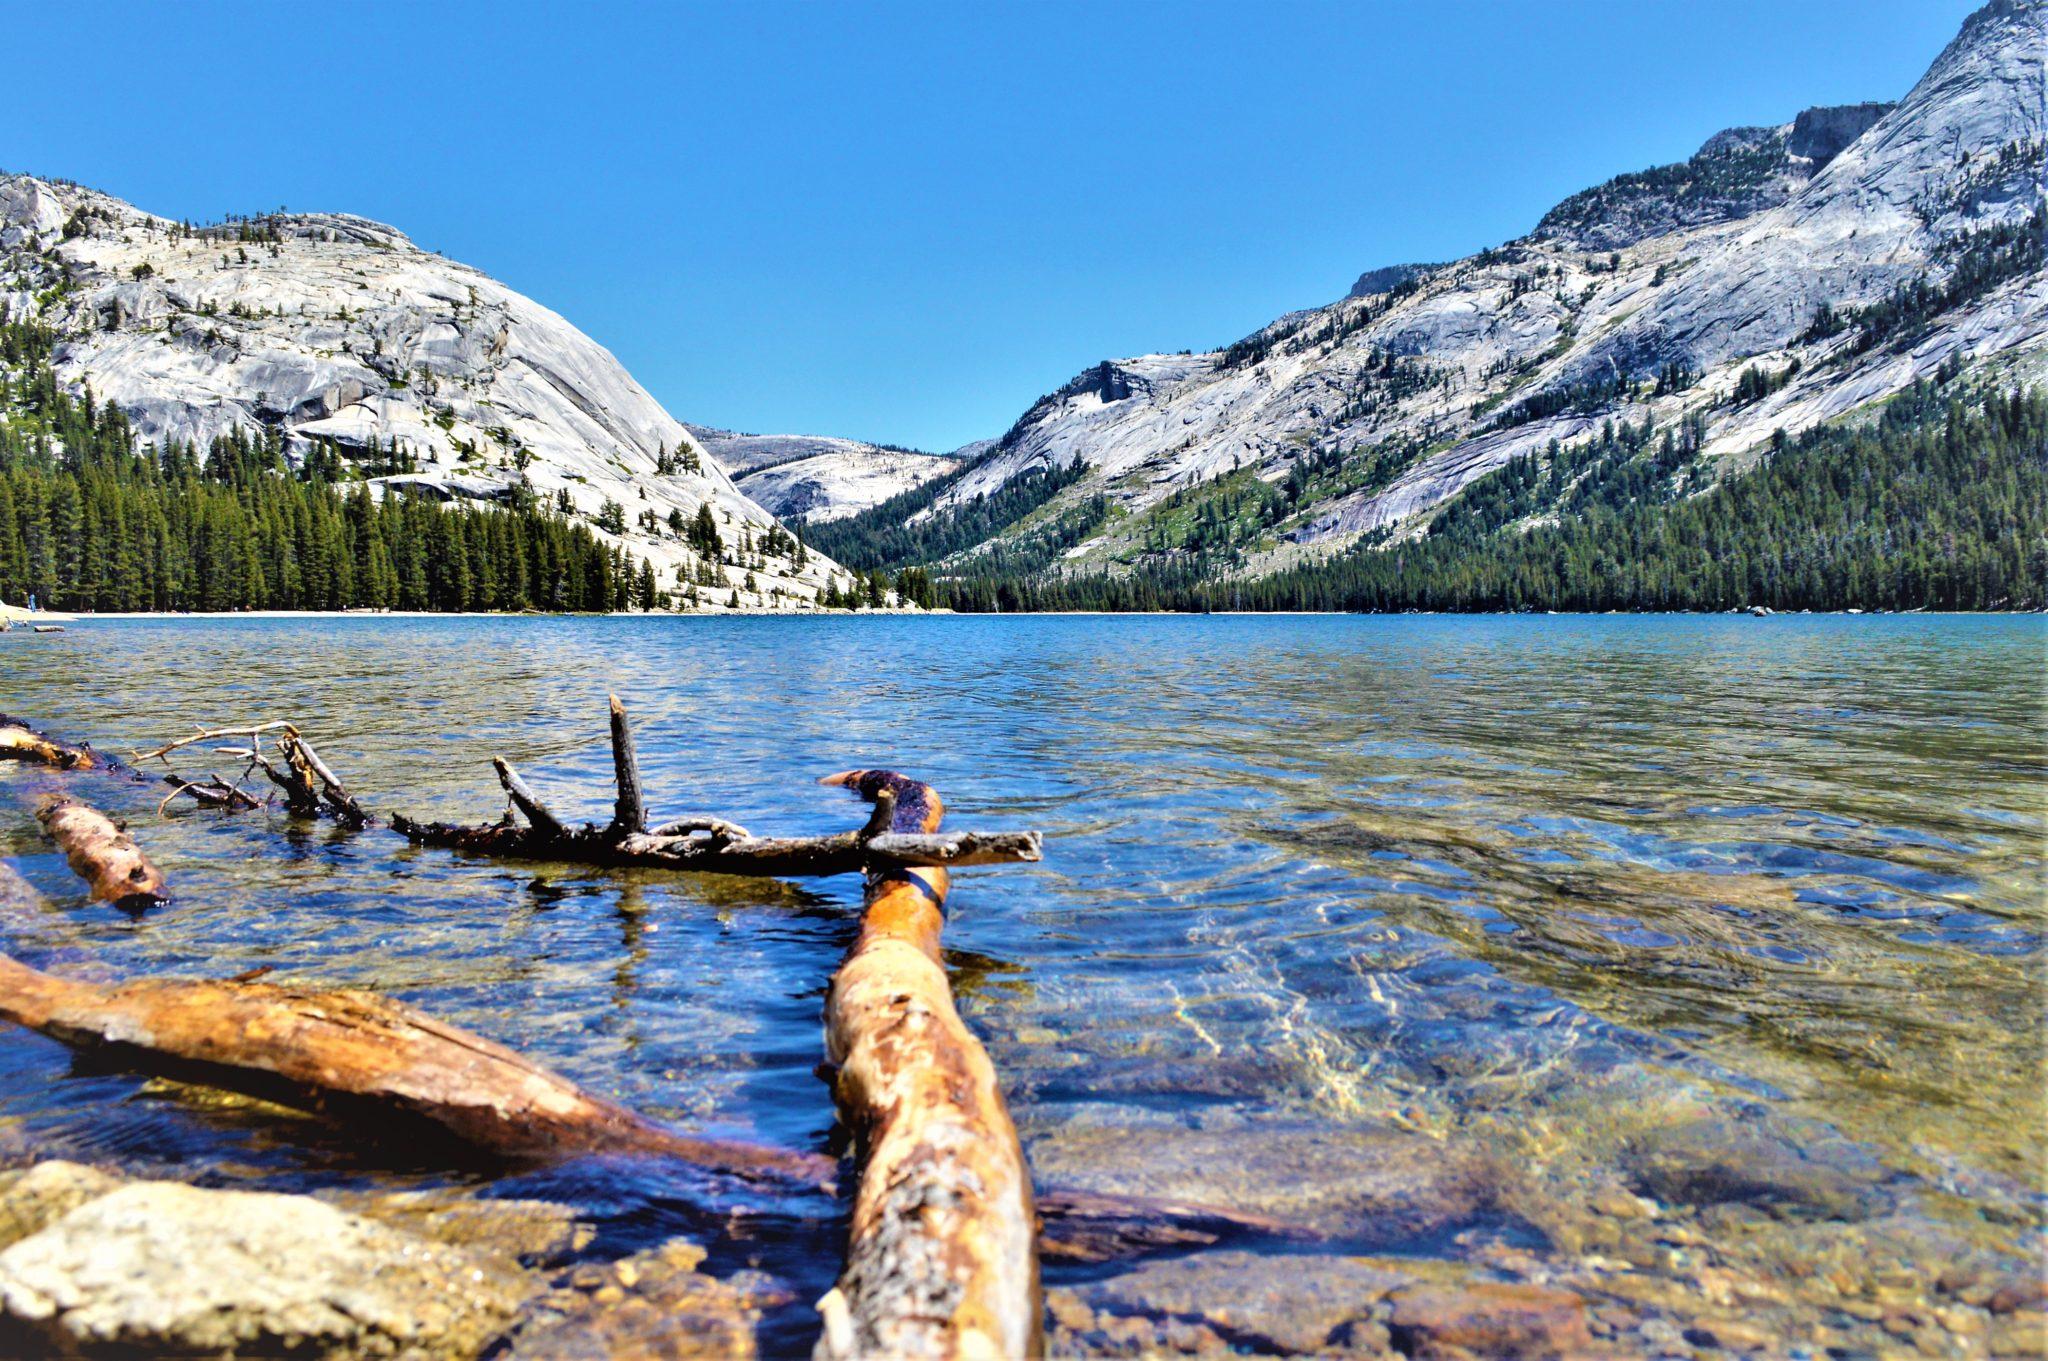 Logs in lake at Yosemite, California